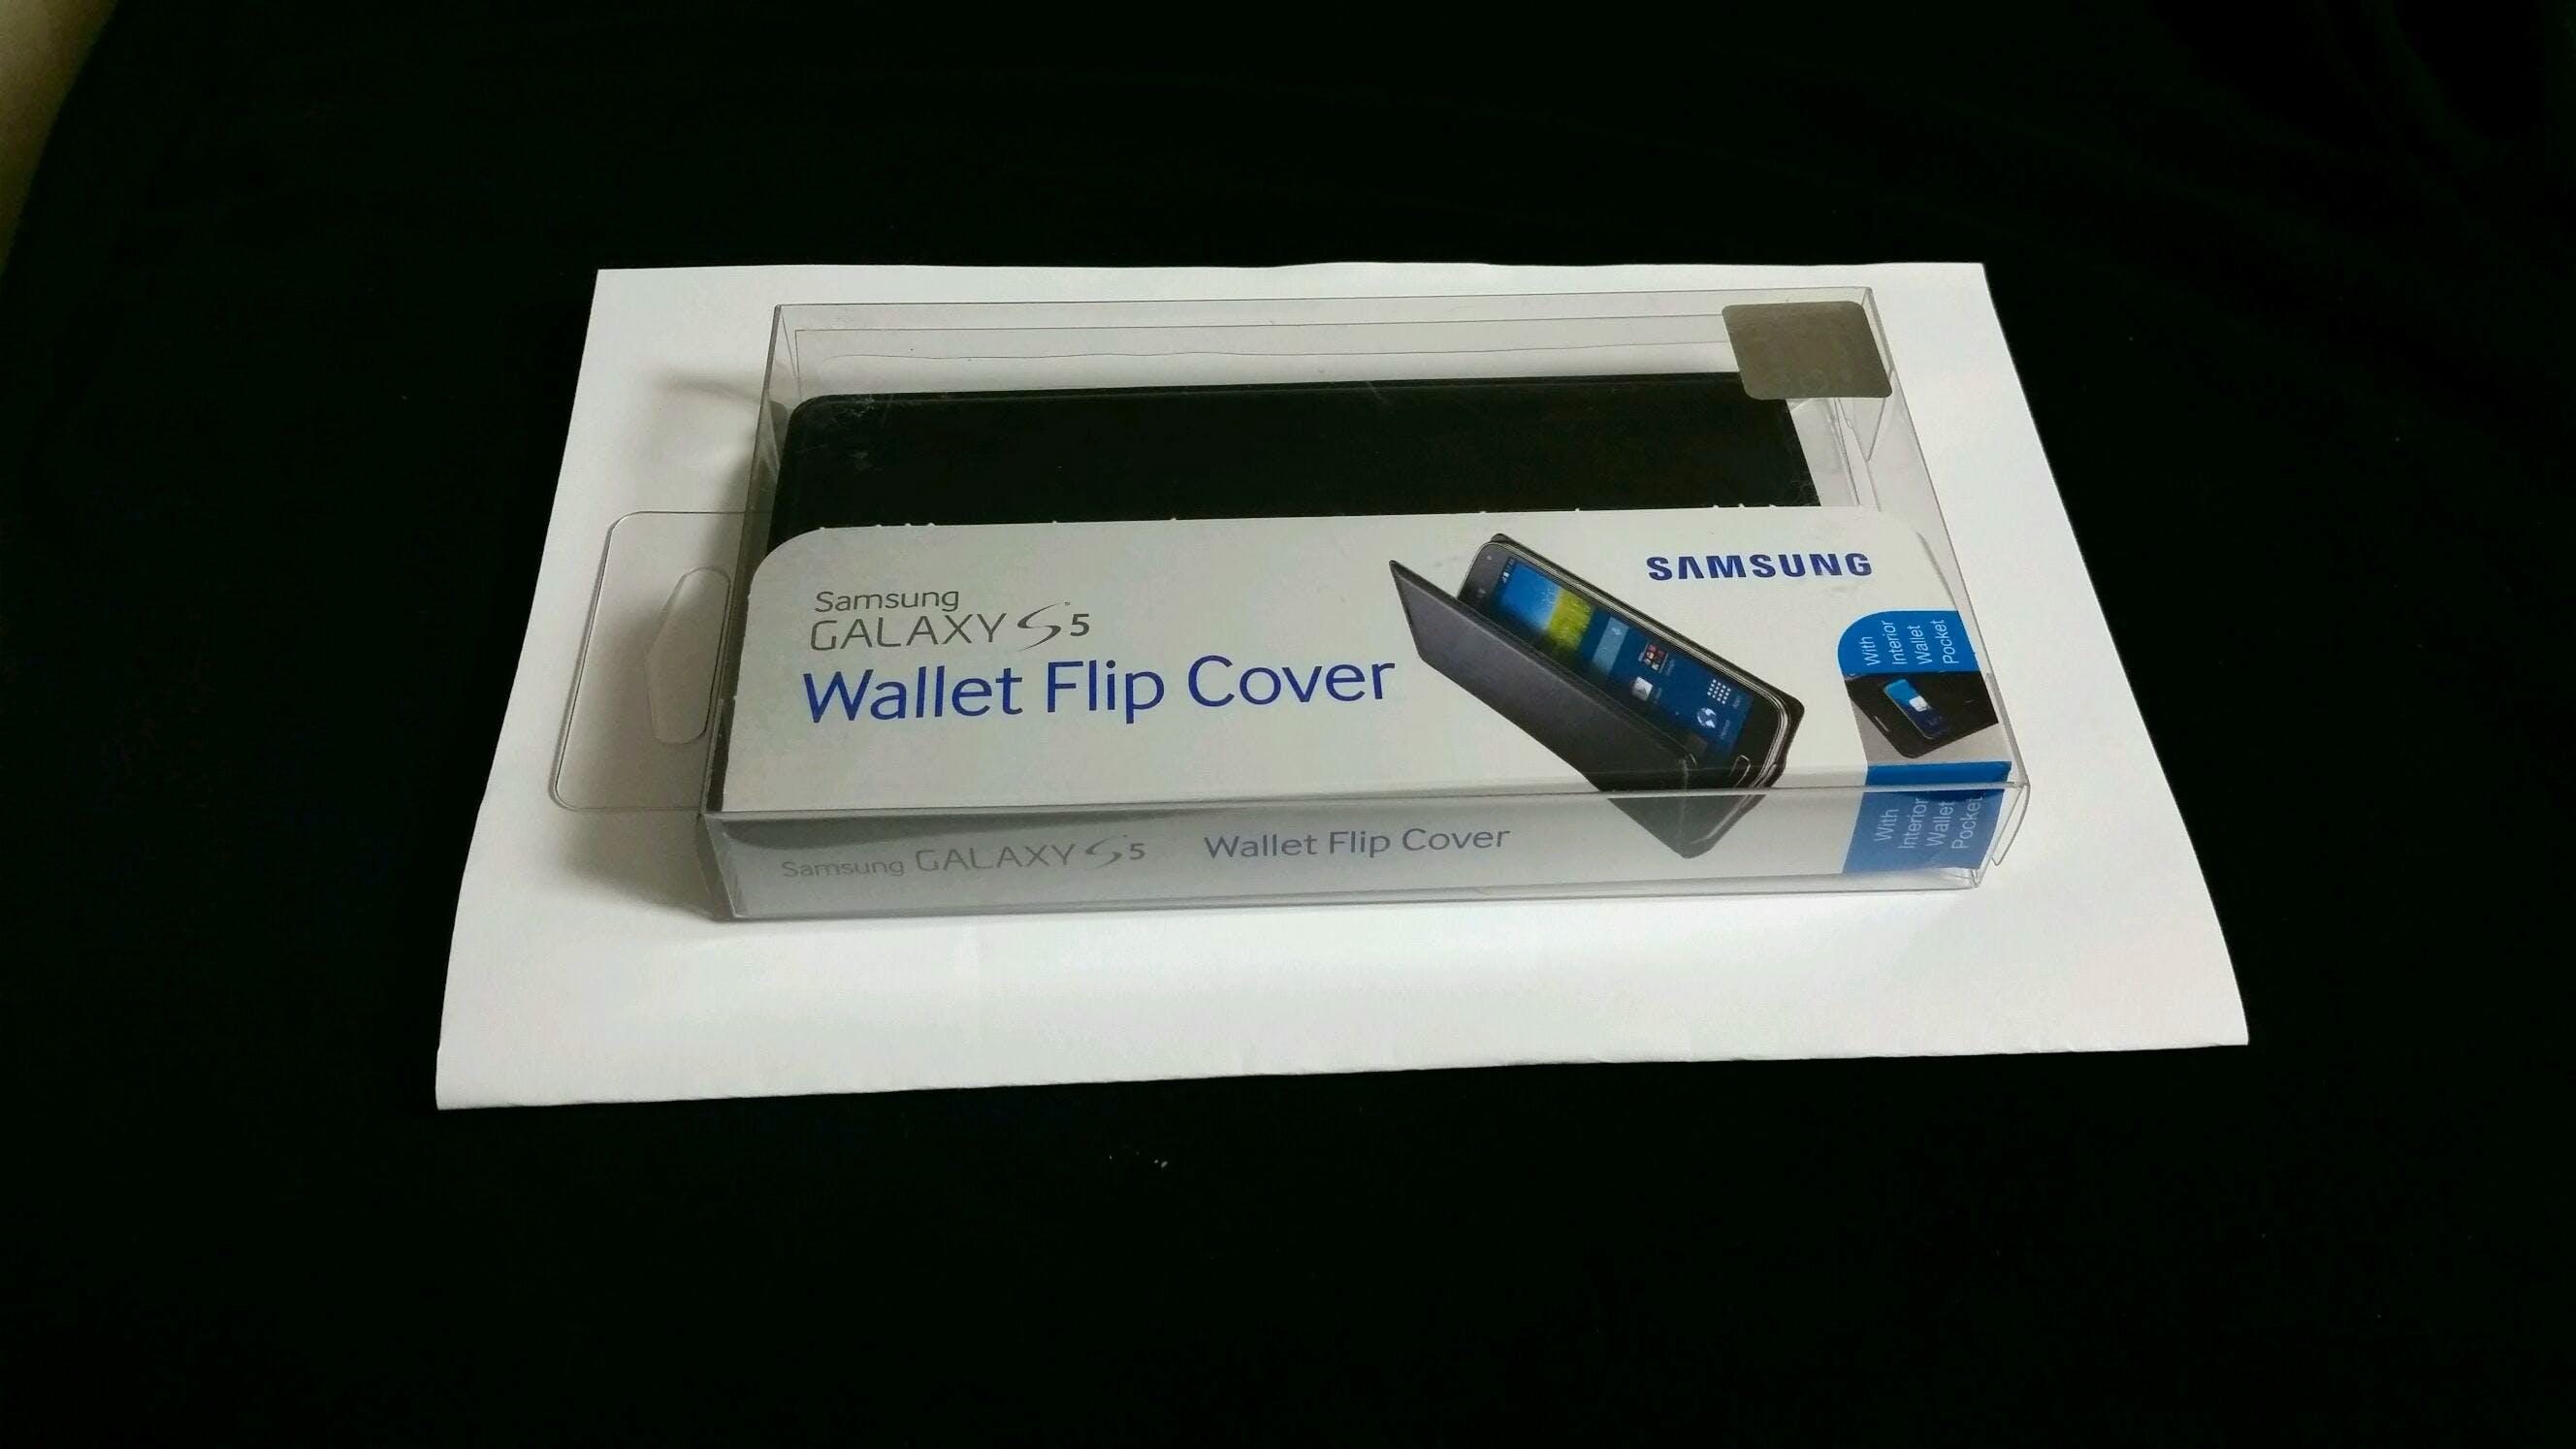 Galaxy S5 Wallet Flip Cover